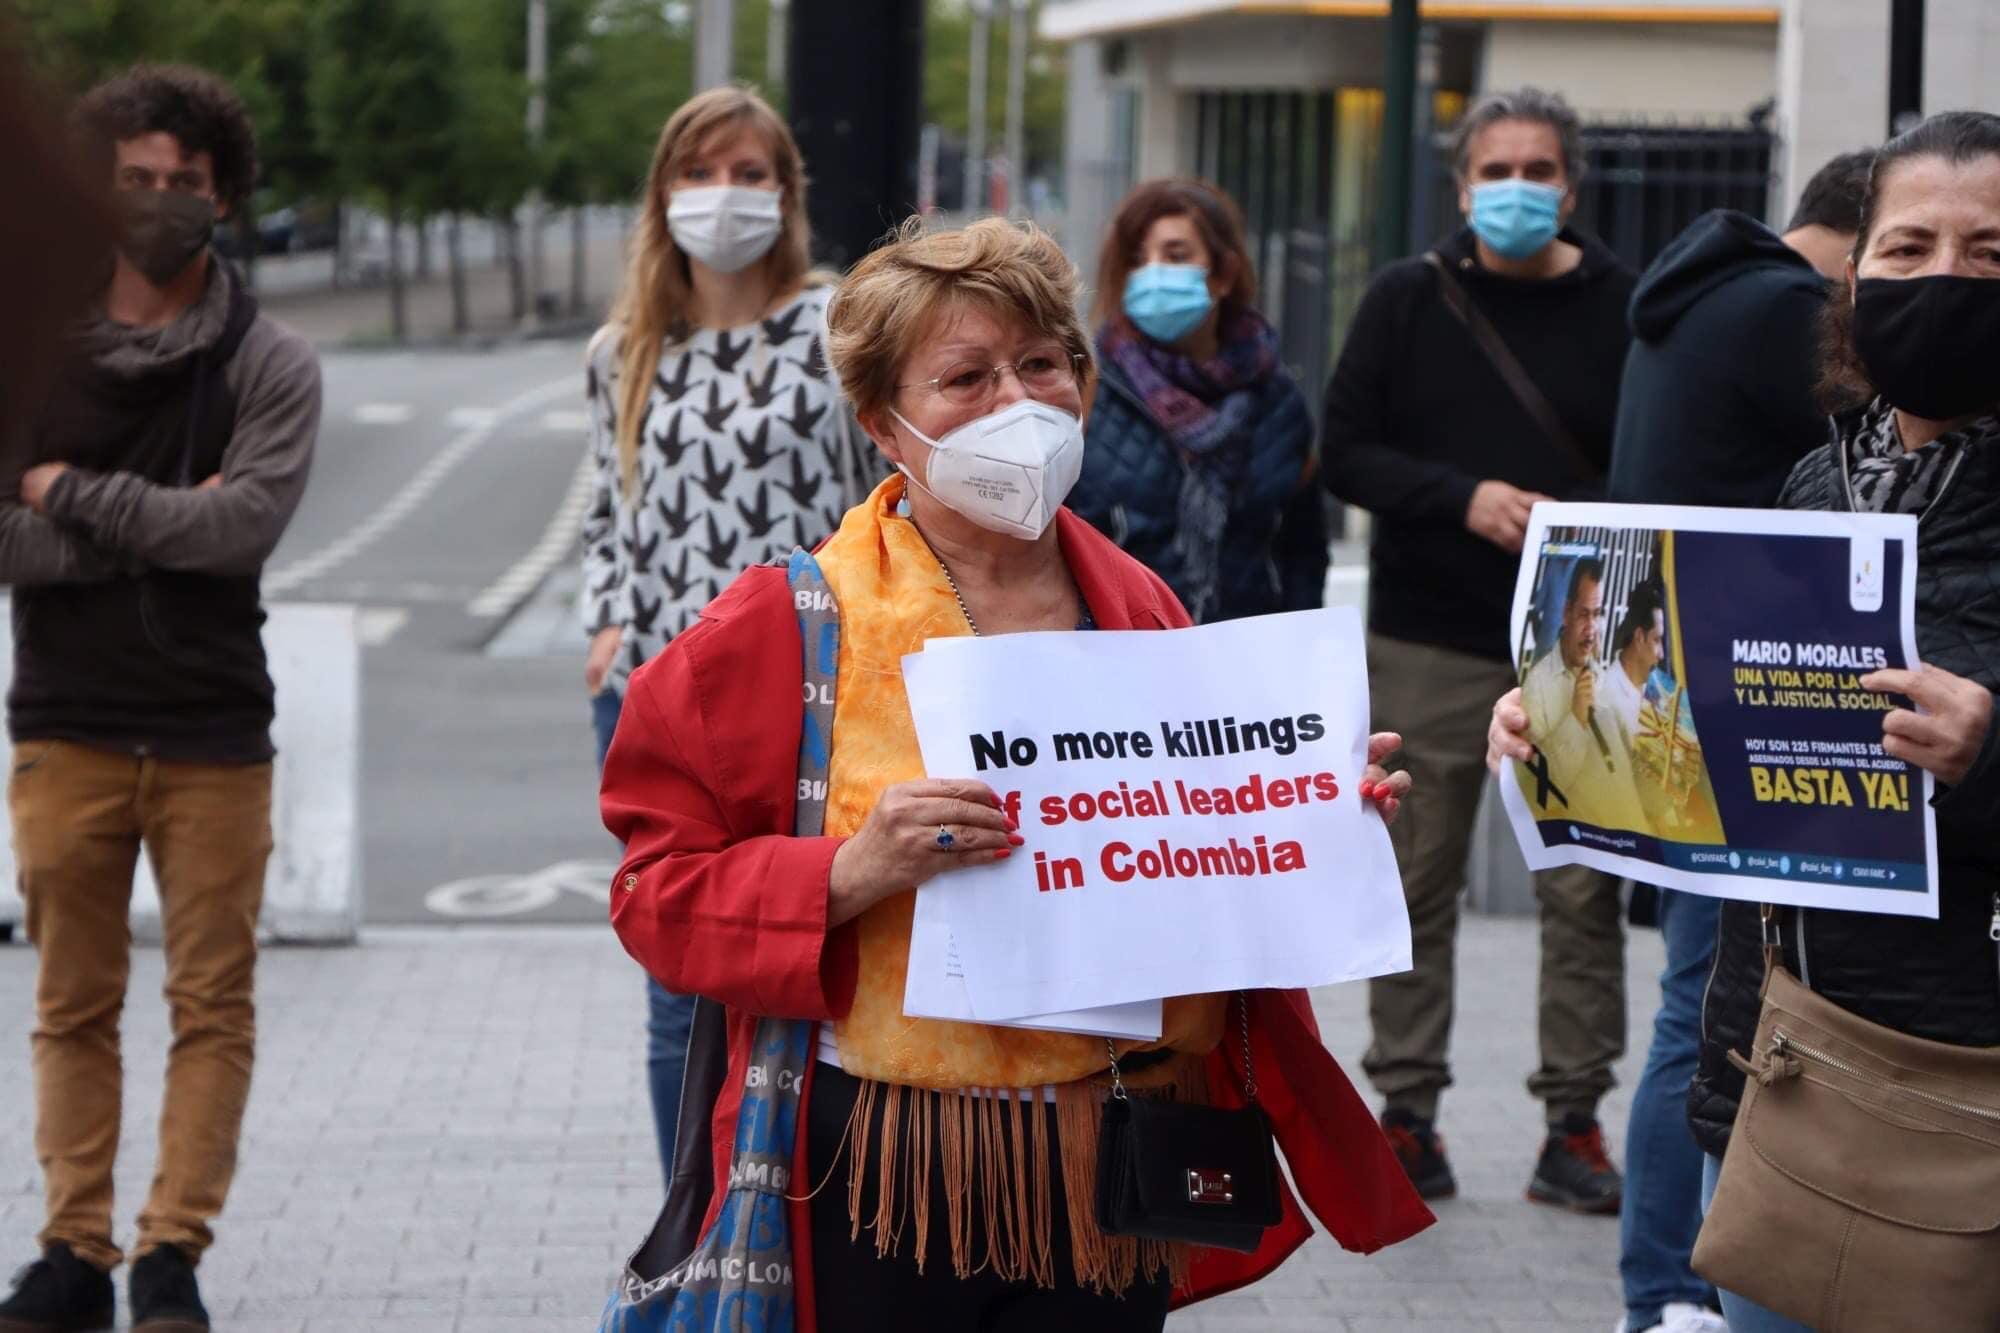 Rassemblement pour la paix en Colombie – Bruxelles